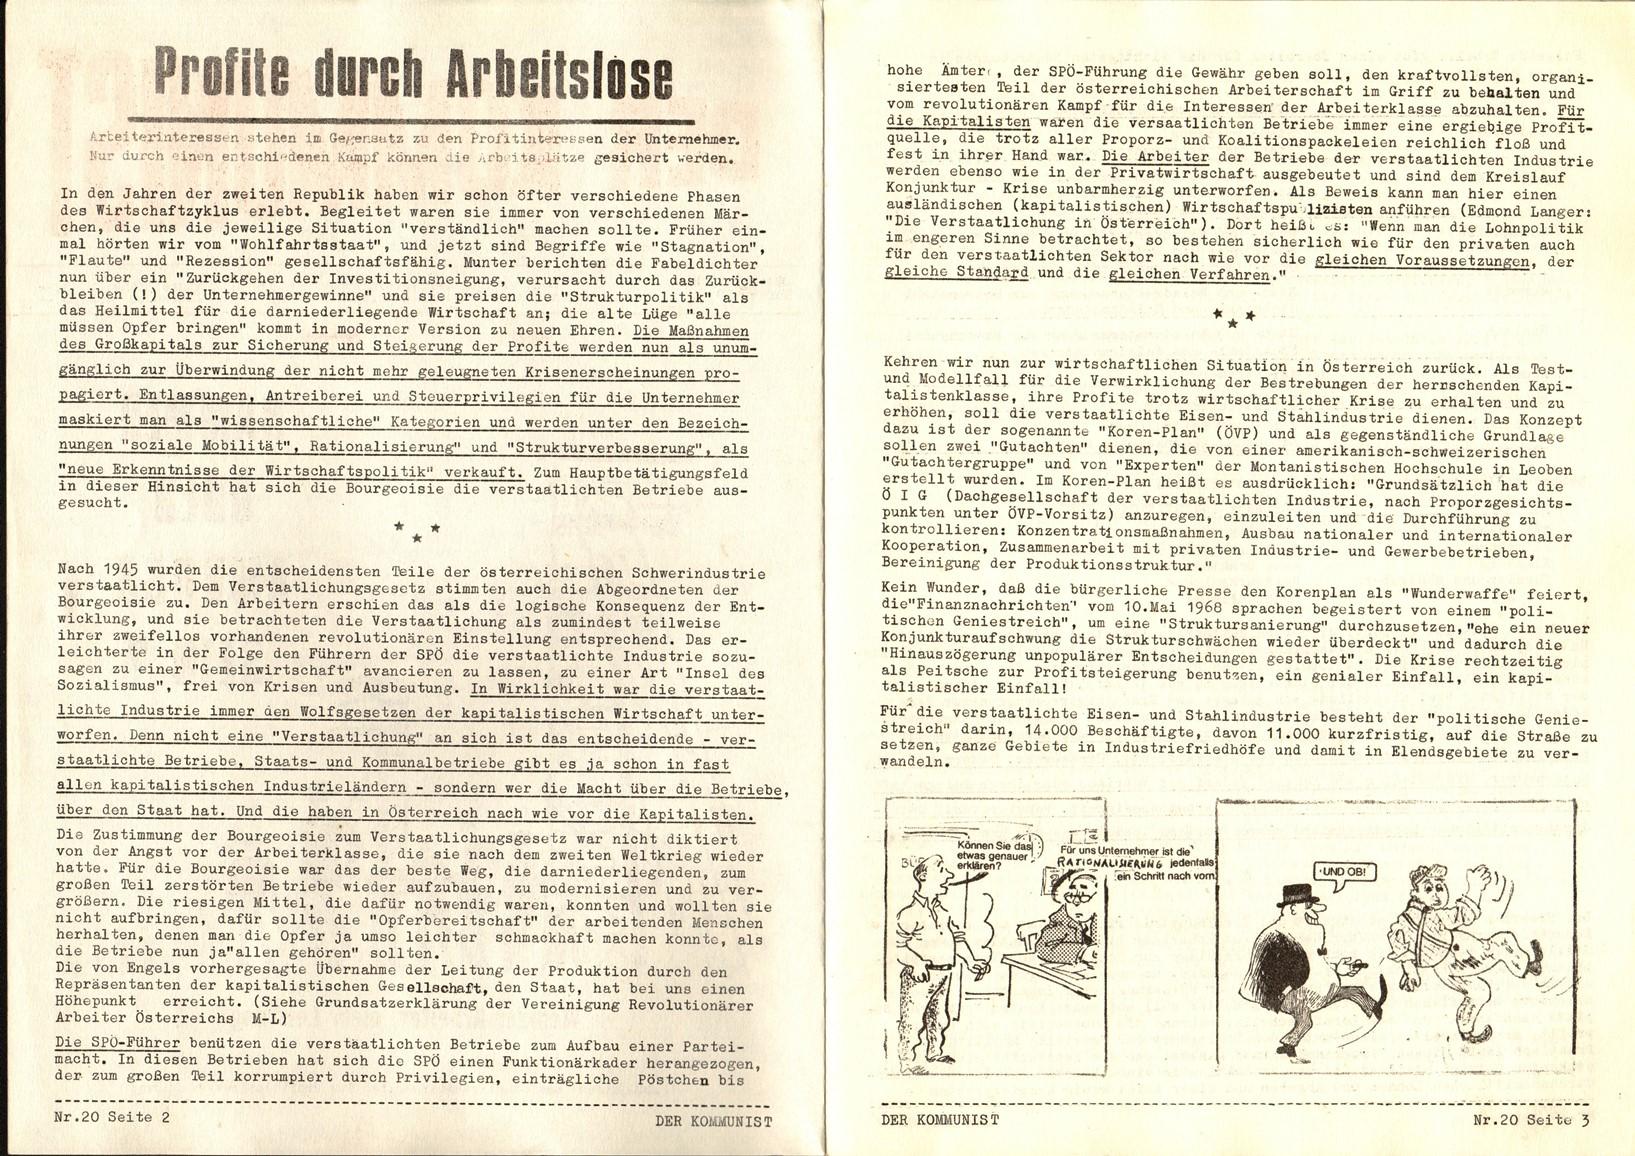 VRA_Der_Kommunist_19681000_02